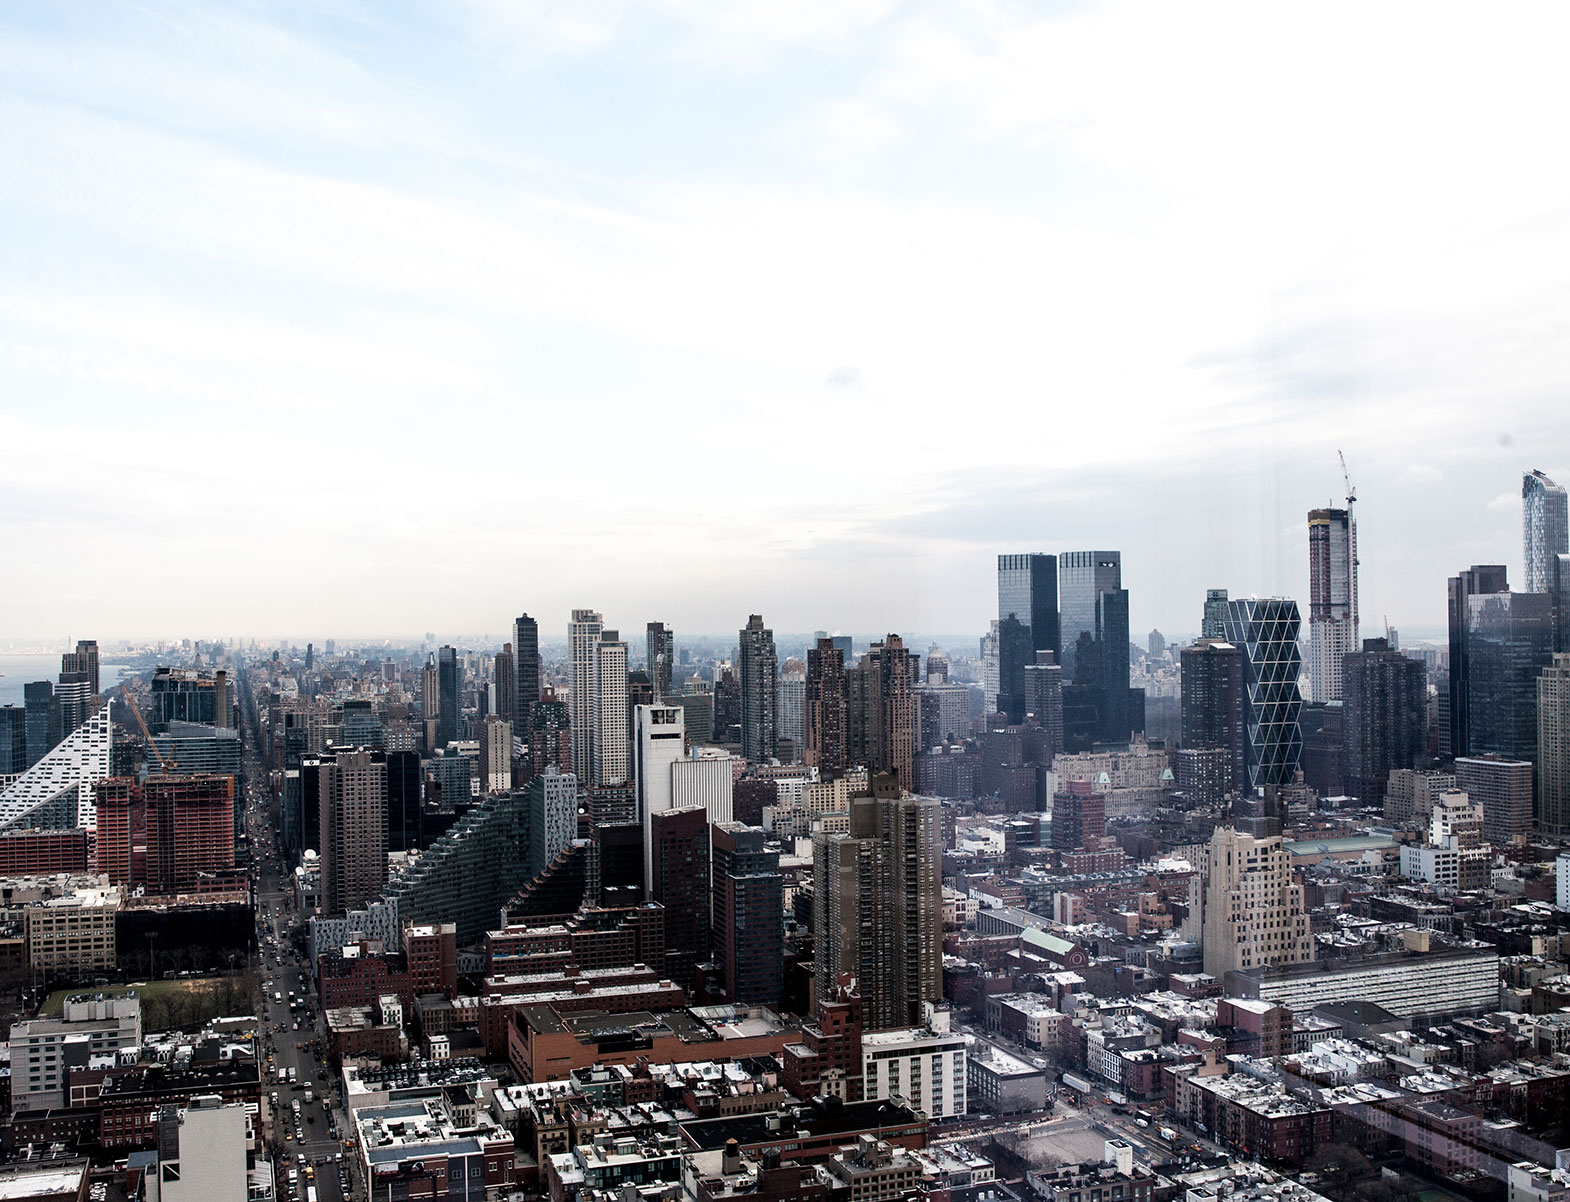 WITLOFT Penthouse in NYC Story city skyline